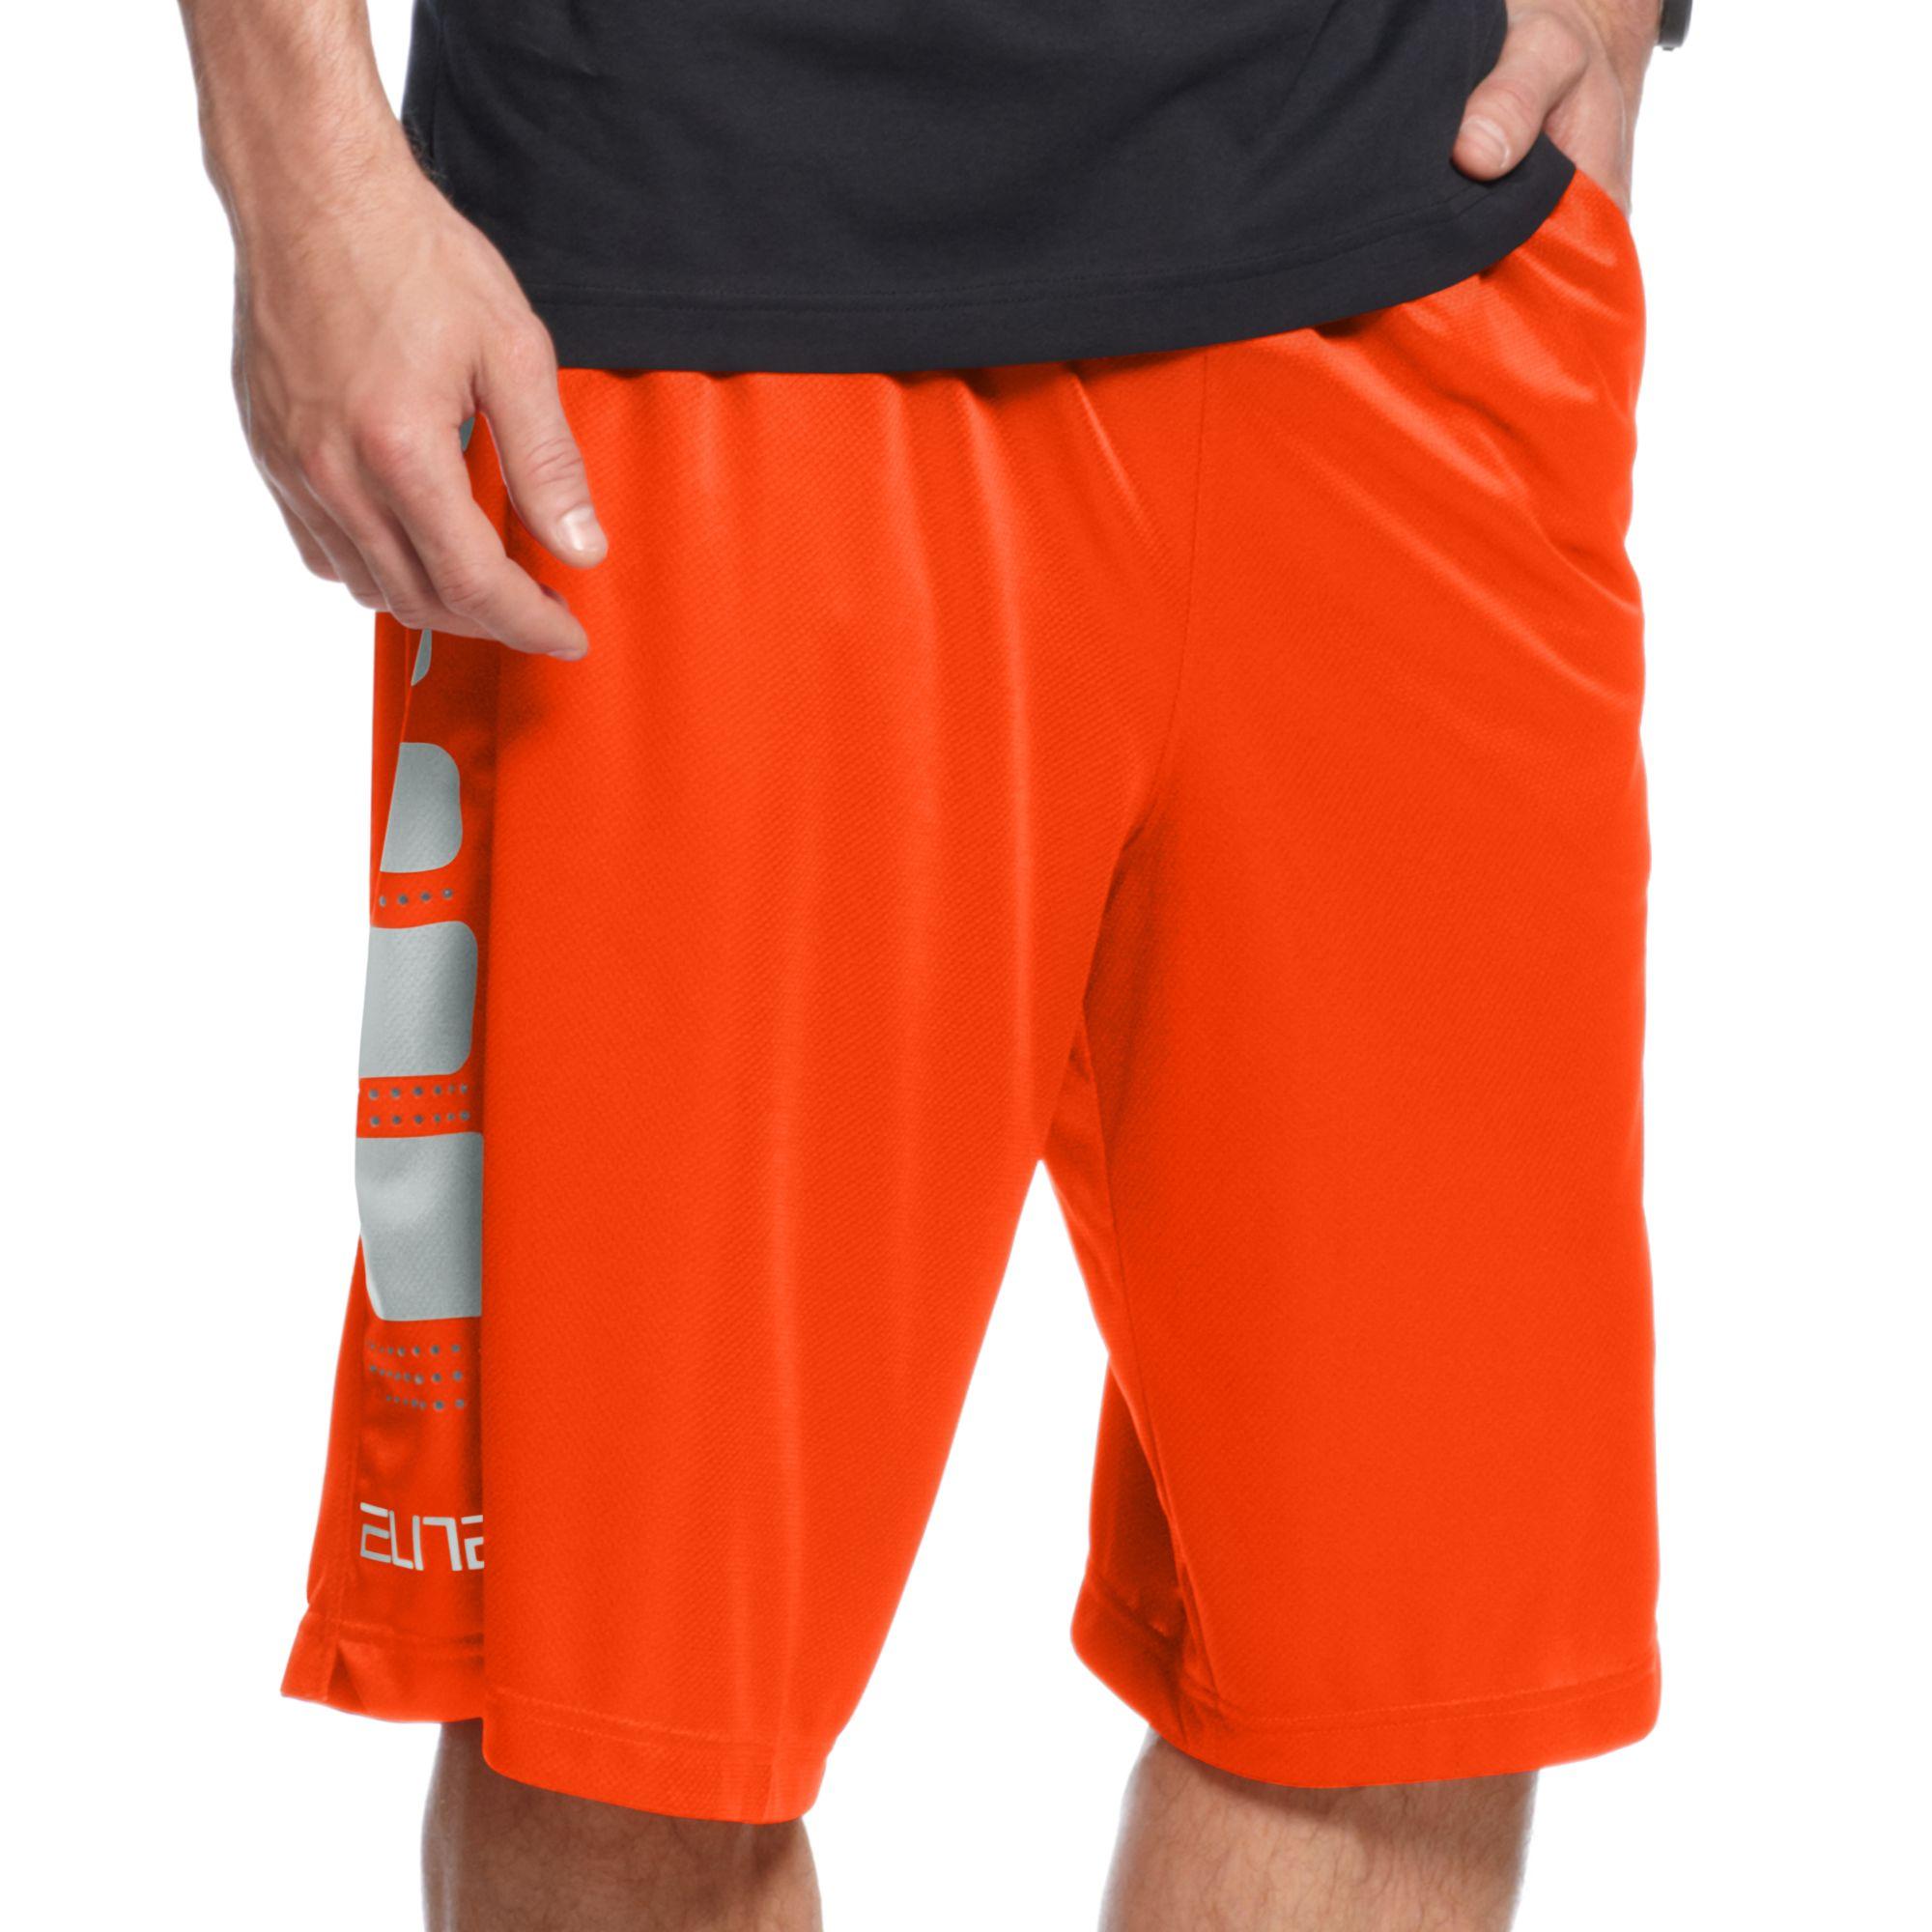 Nike For Lyst Basketball Stripe In Shorts Red Elite Men zBpq4wHT